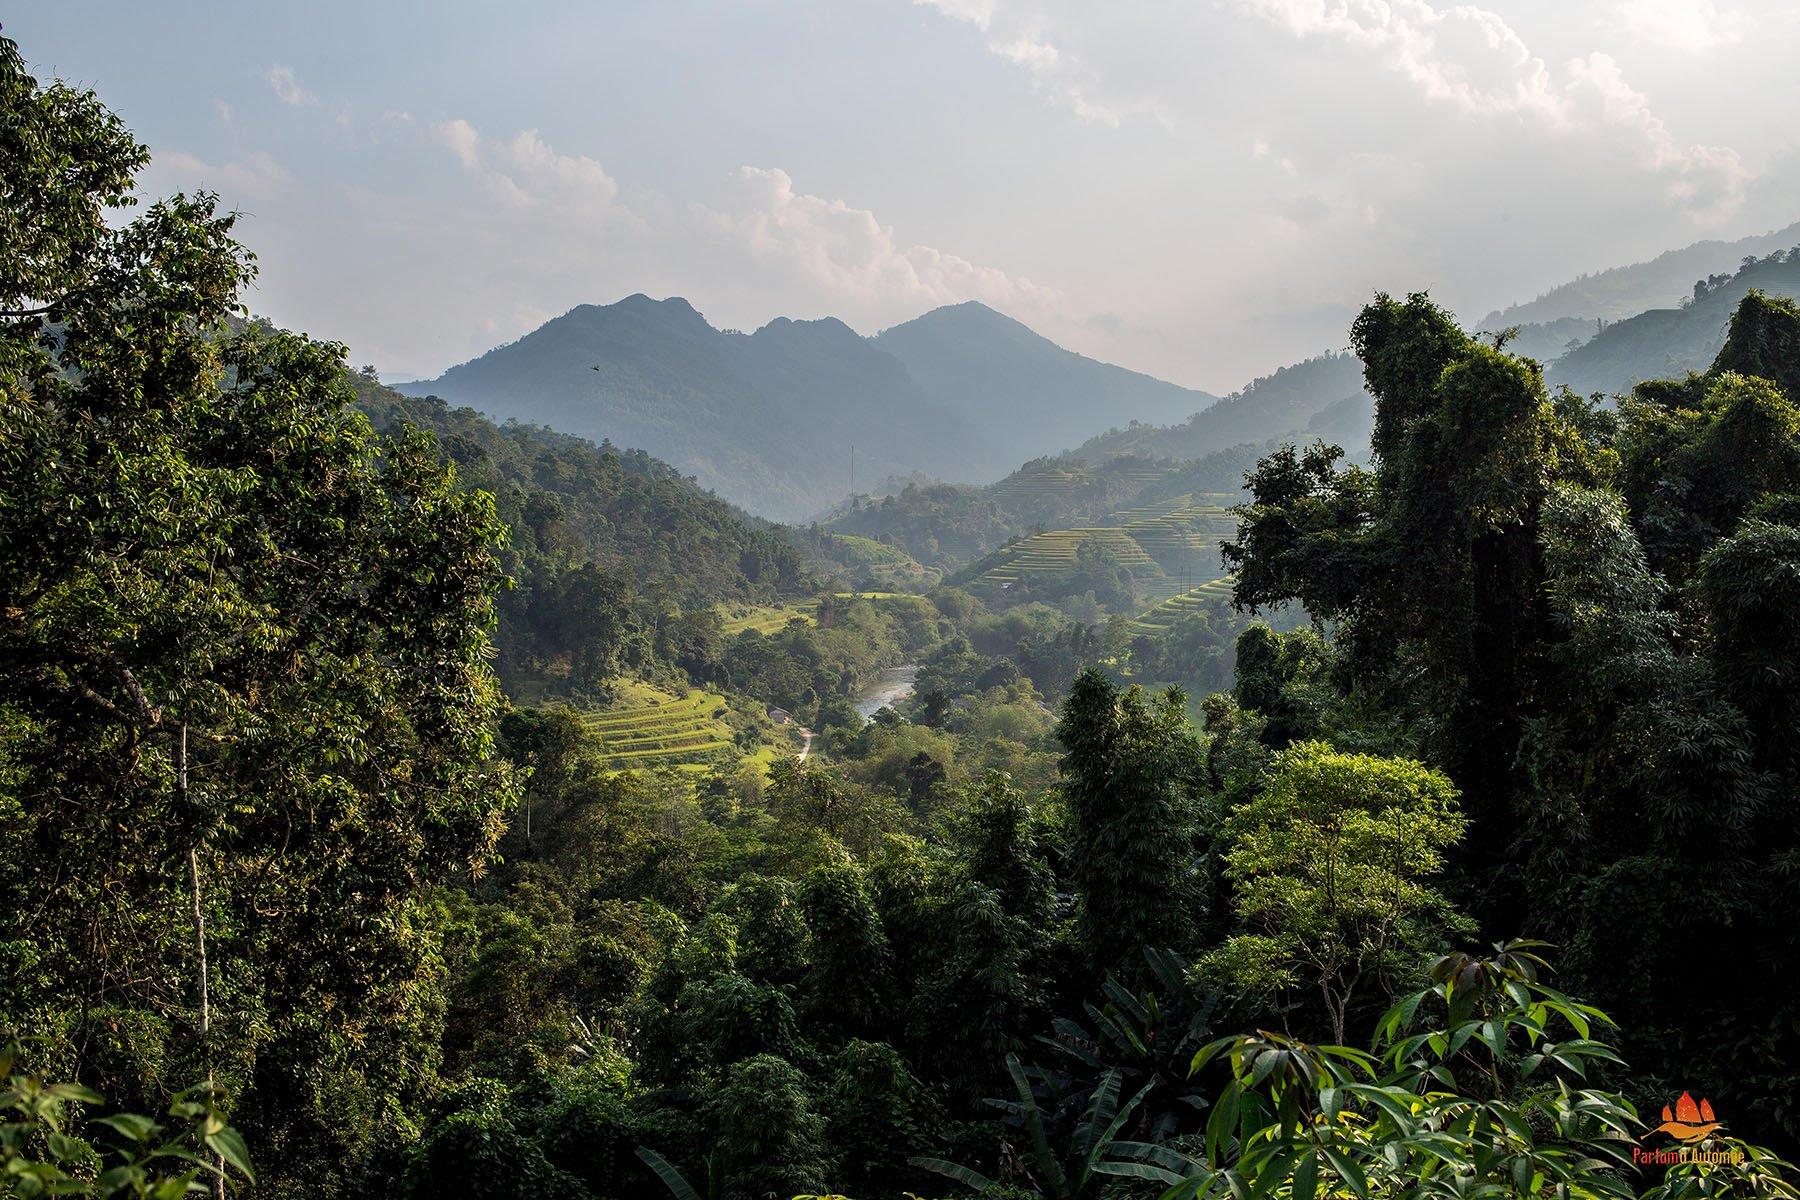 Paysage montagneux de Hoang Su Phi, Province de Ha Giang, Vietnam